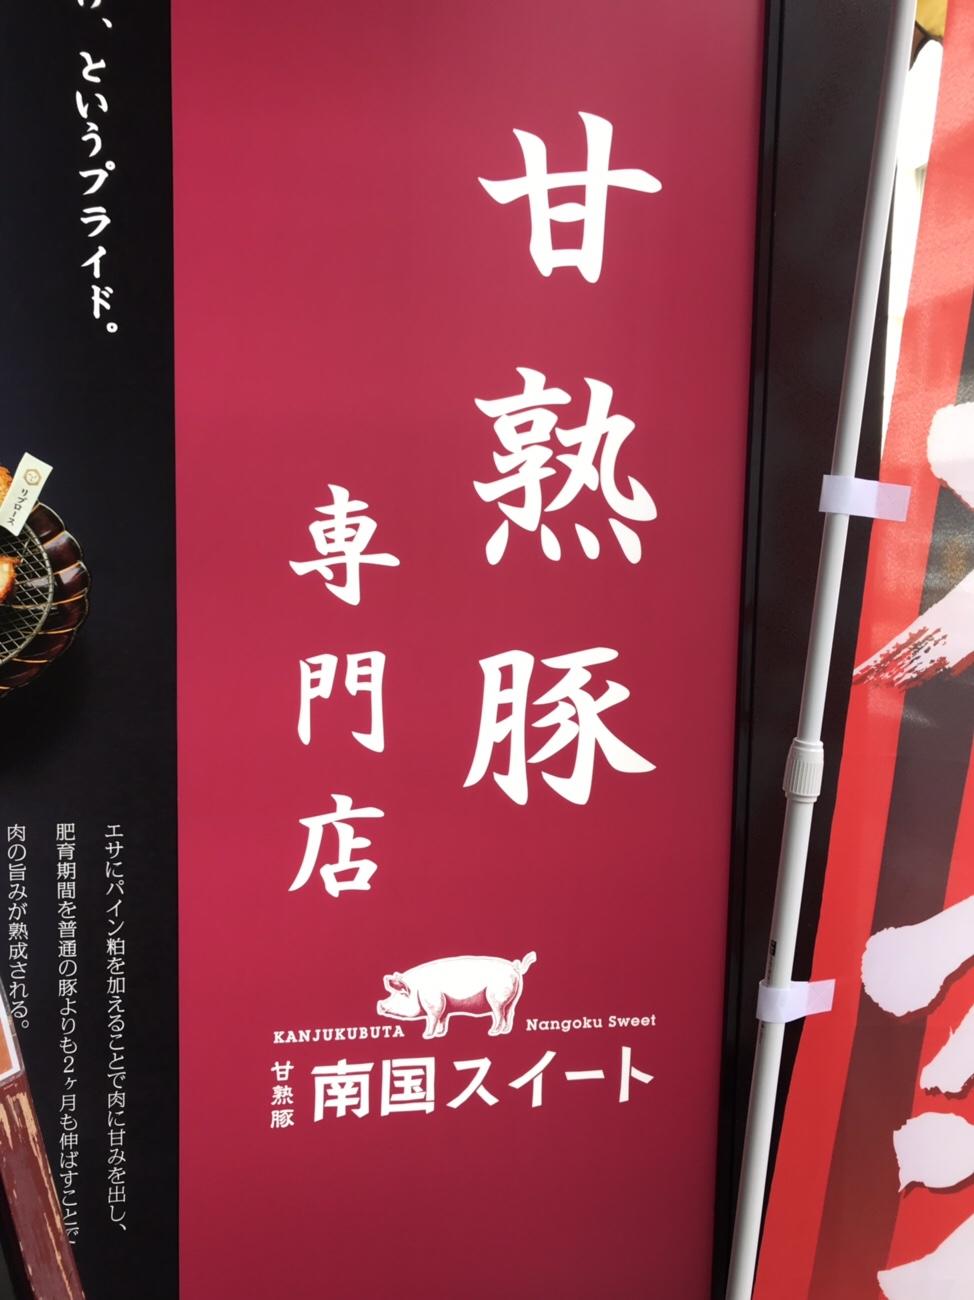 亀かわはとんかつ専門店から甘熟豚南国スイートの専門店へ